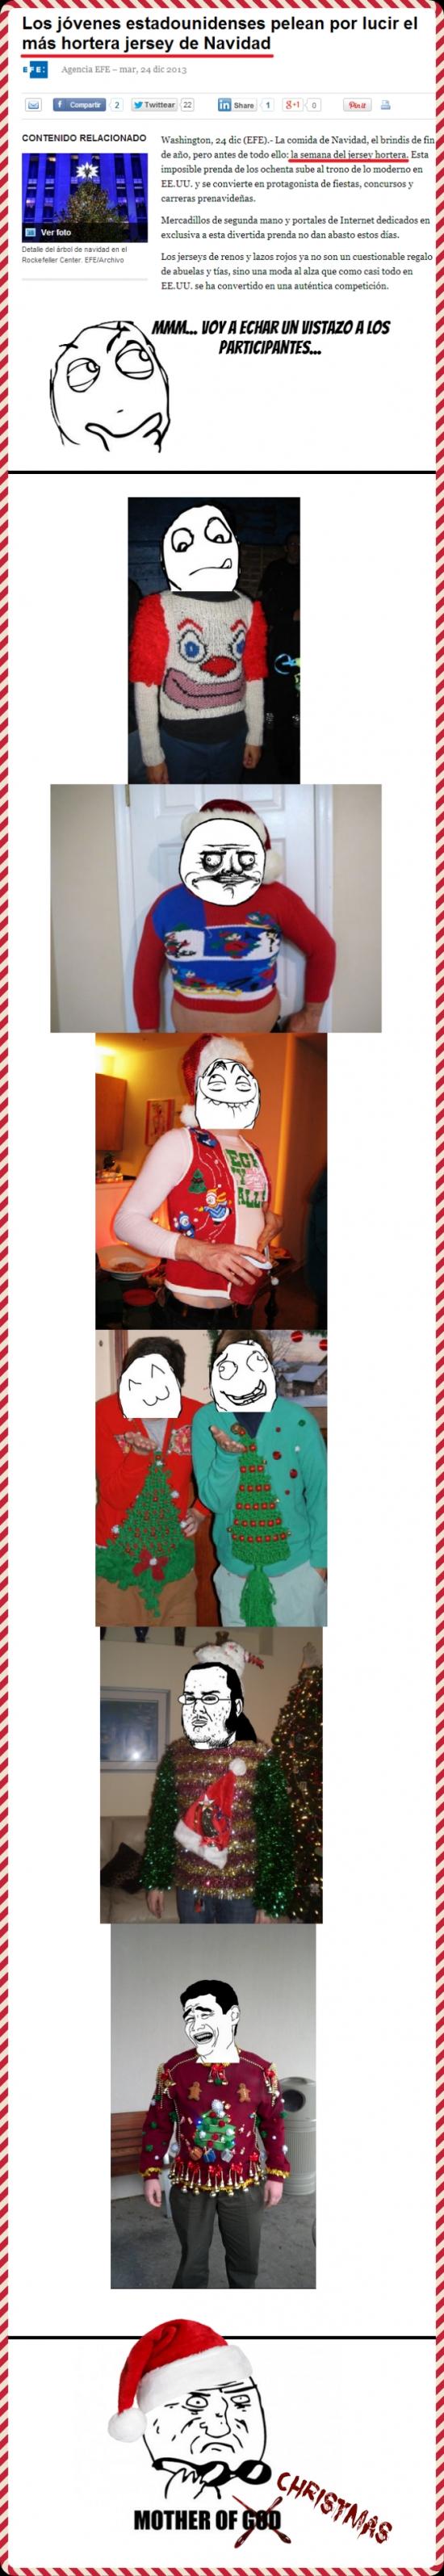 Mother_of_god - [Tema de la semana] Modas navideñas cada vez más estúpidas entre los estadounidenses